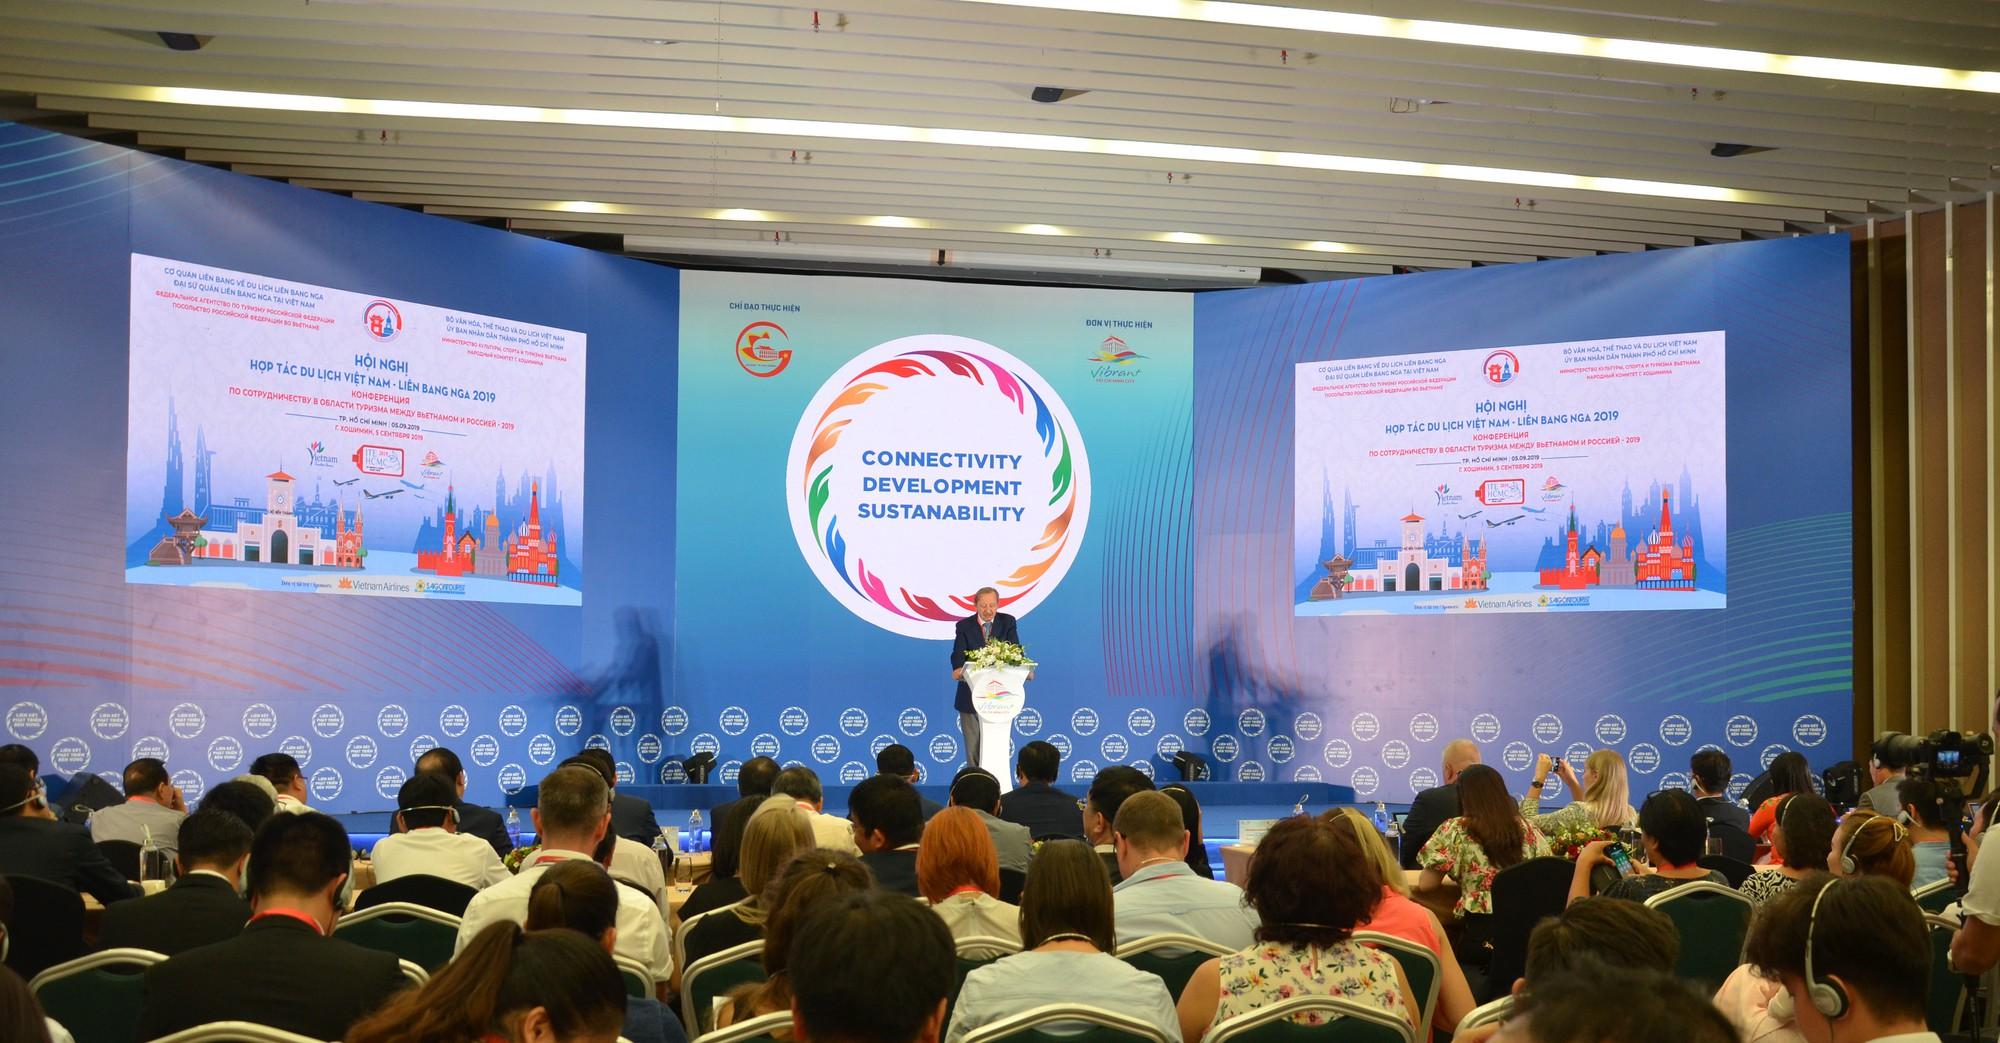 Hội nghị hợp tác du lịch Việt - Nga năm 2019 tại Thành phố Hồ Chí Minh - Ảnh 2.